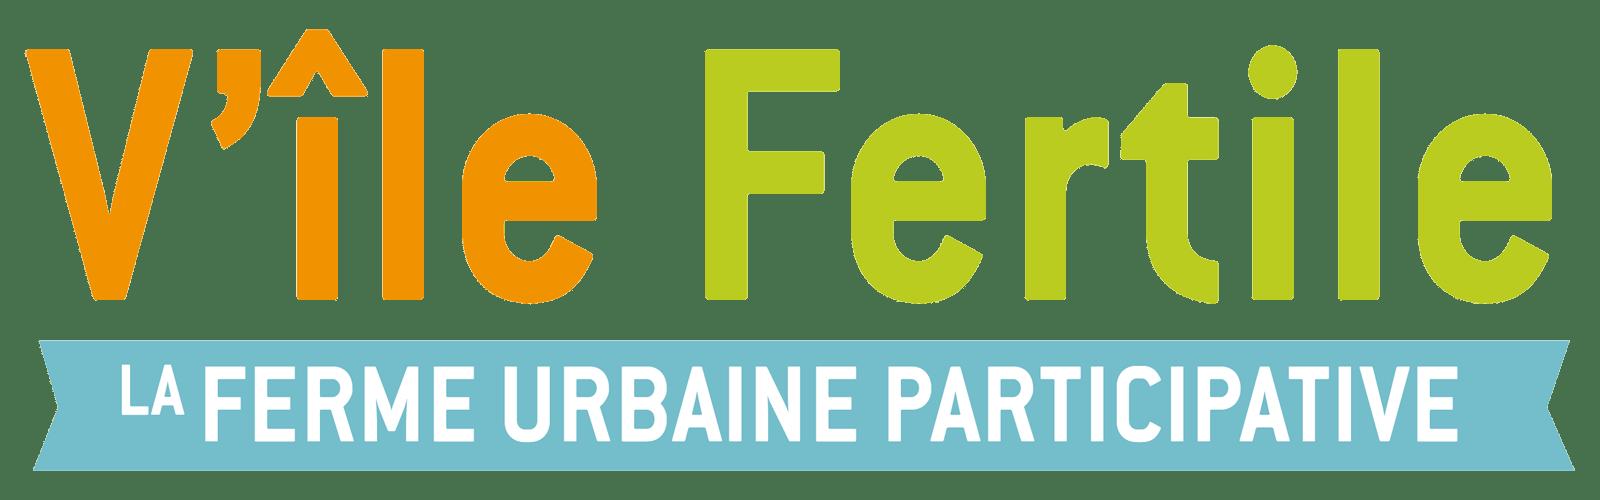 La ferme urbaine participative